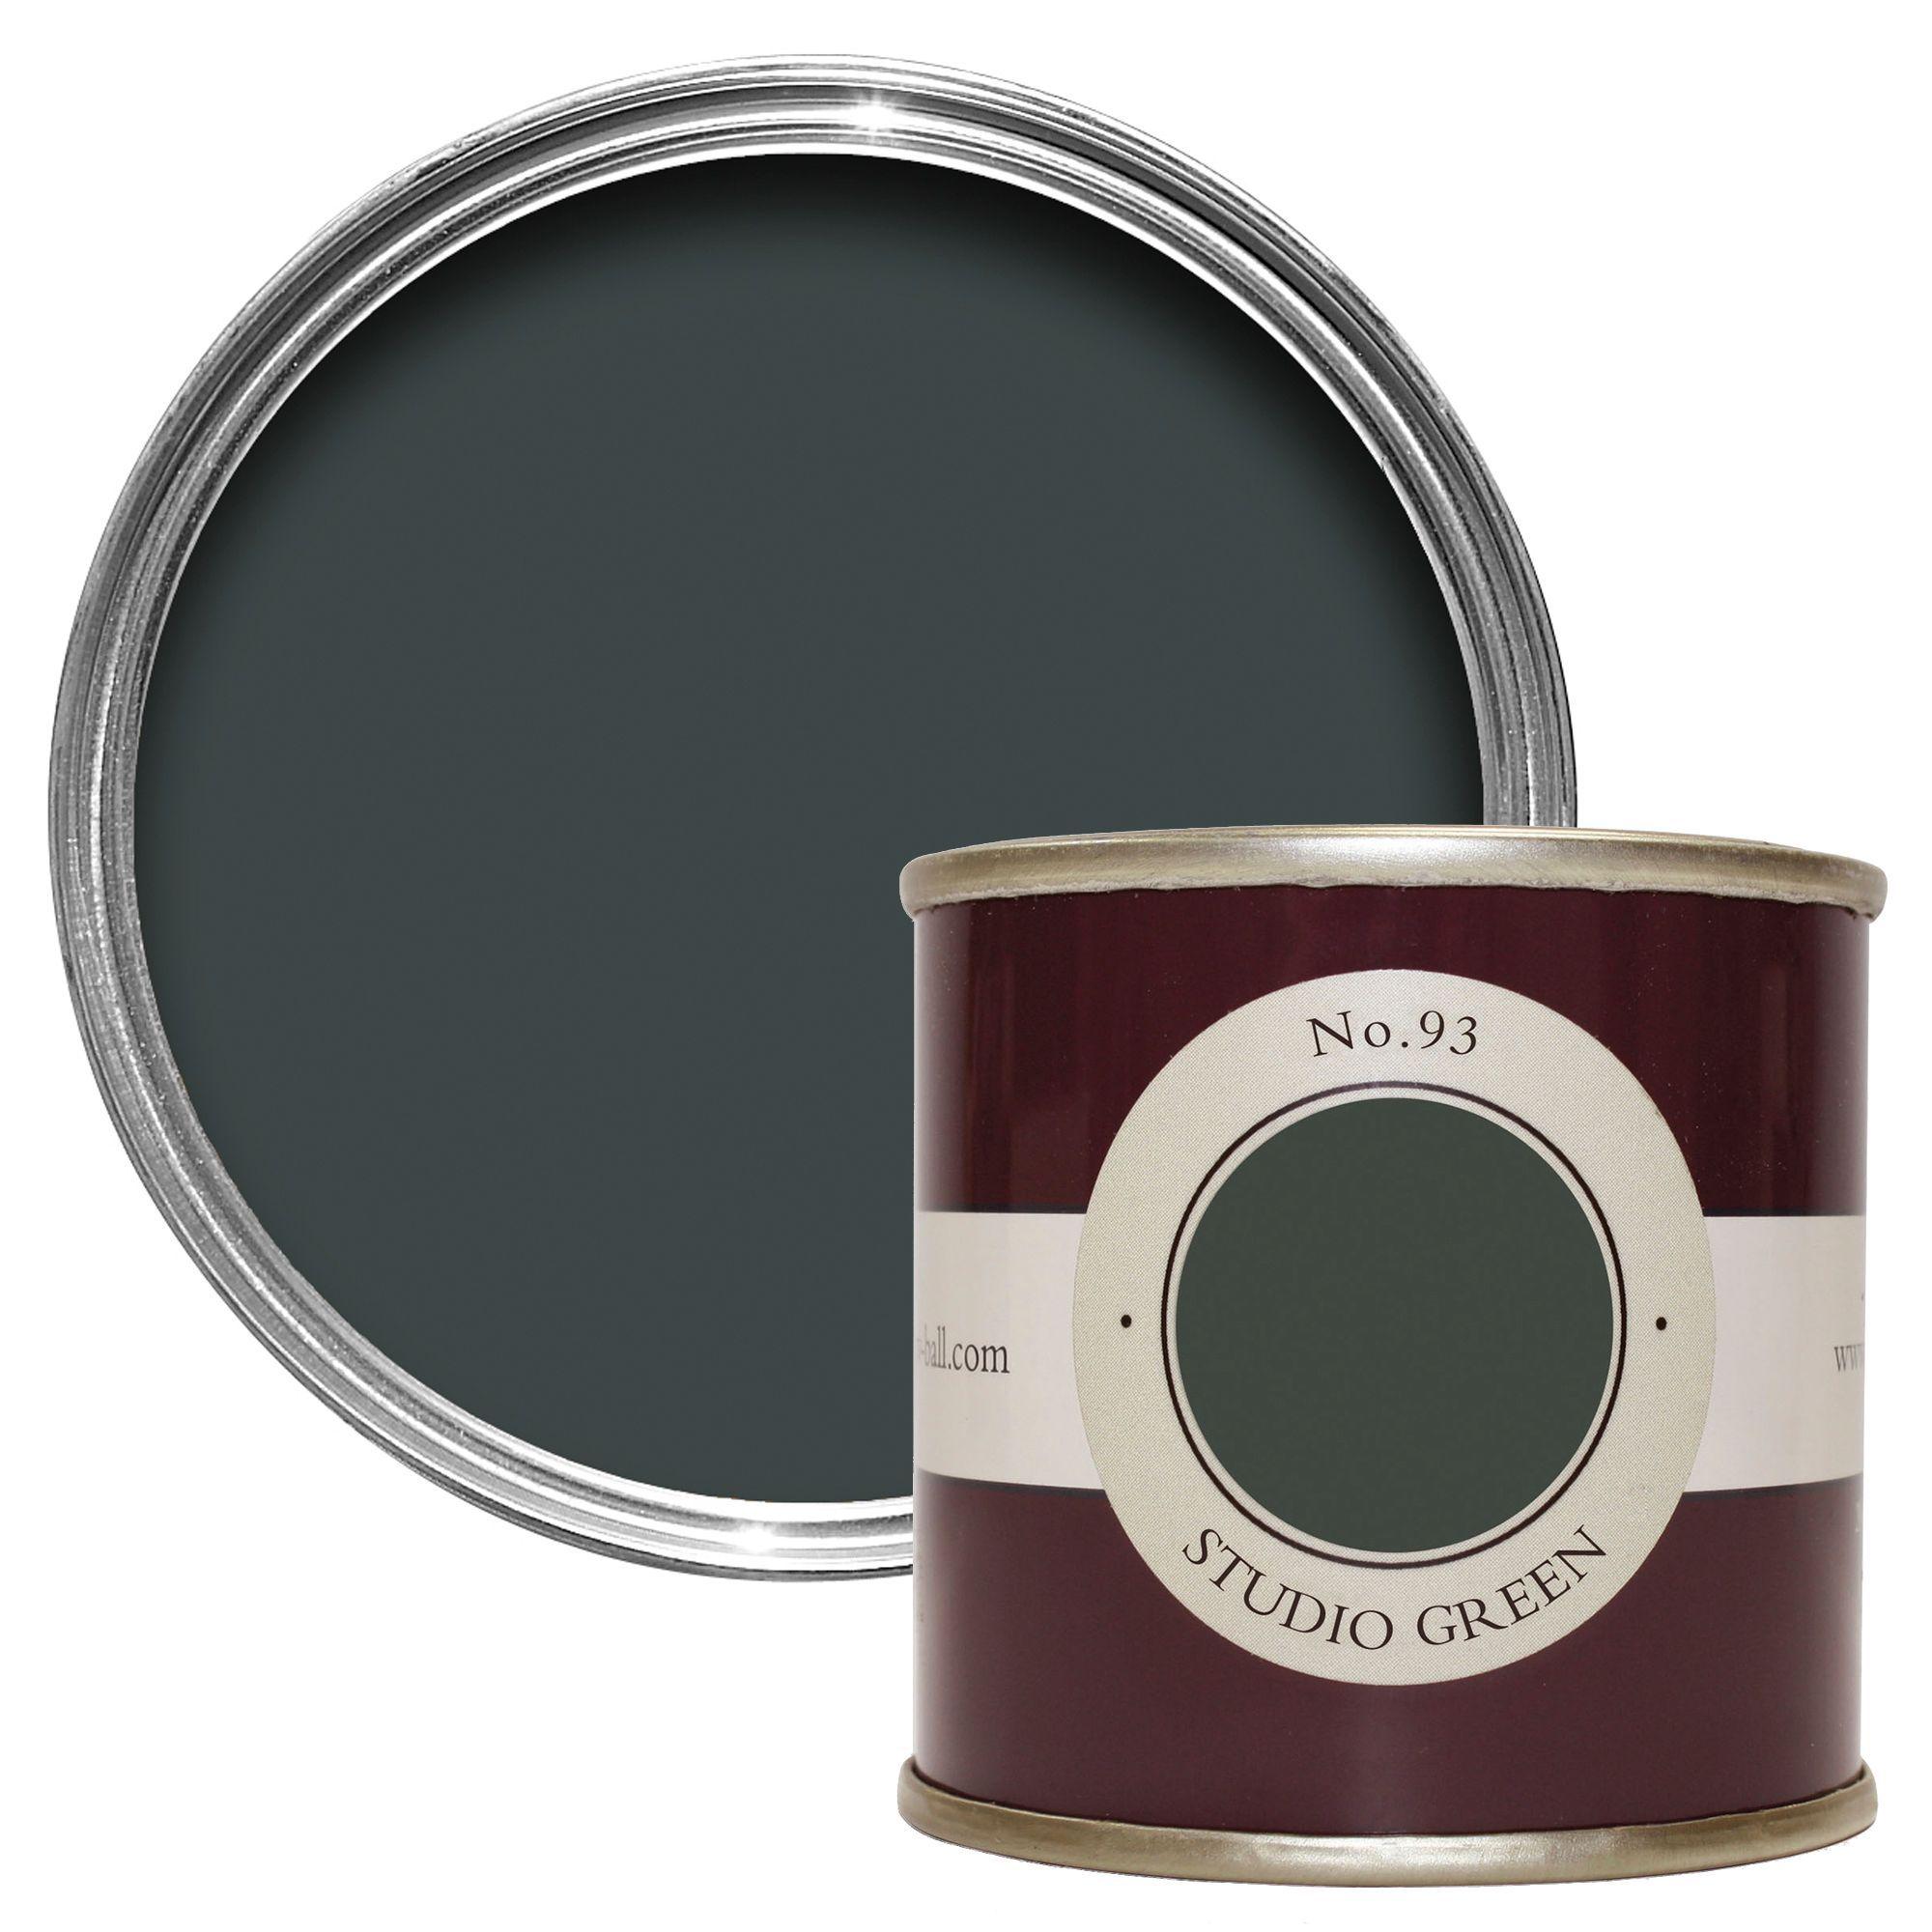 farrow ball studio green estate emulsion paint 0 1l tester pot departments diy at b q. Black Bedroom Furniture Sets. Home Design Ideas